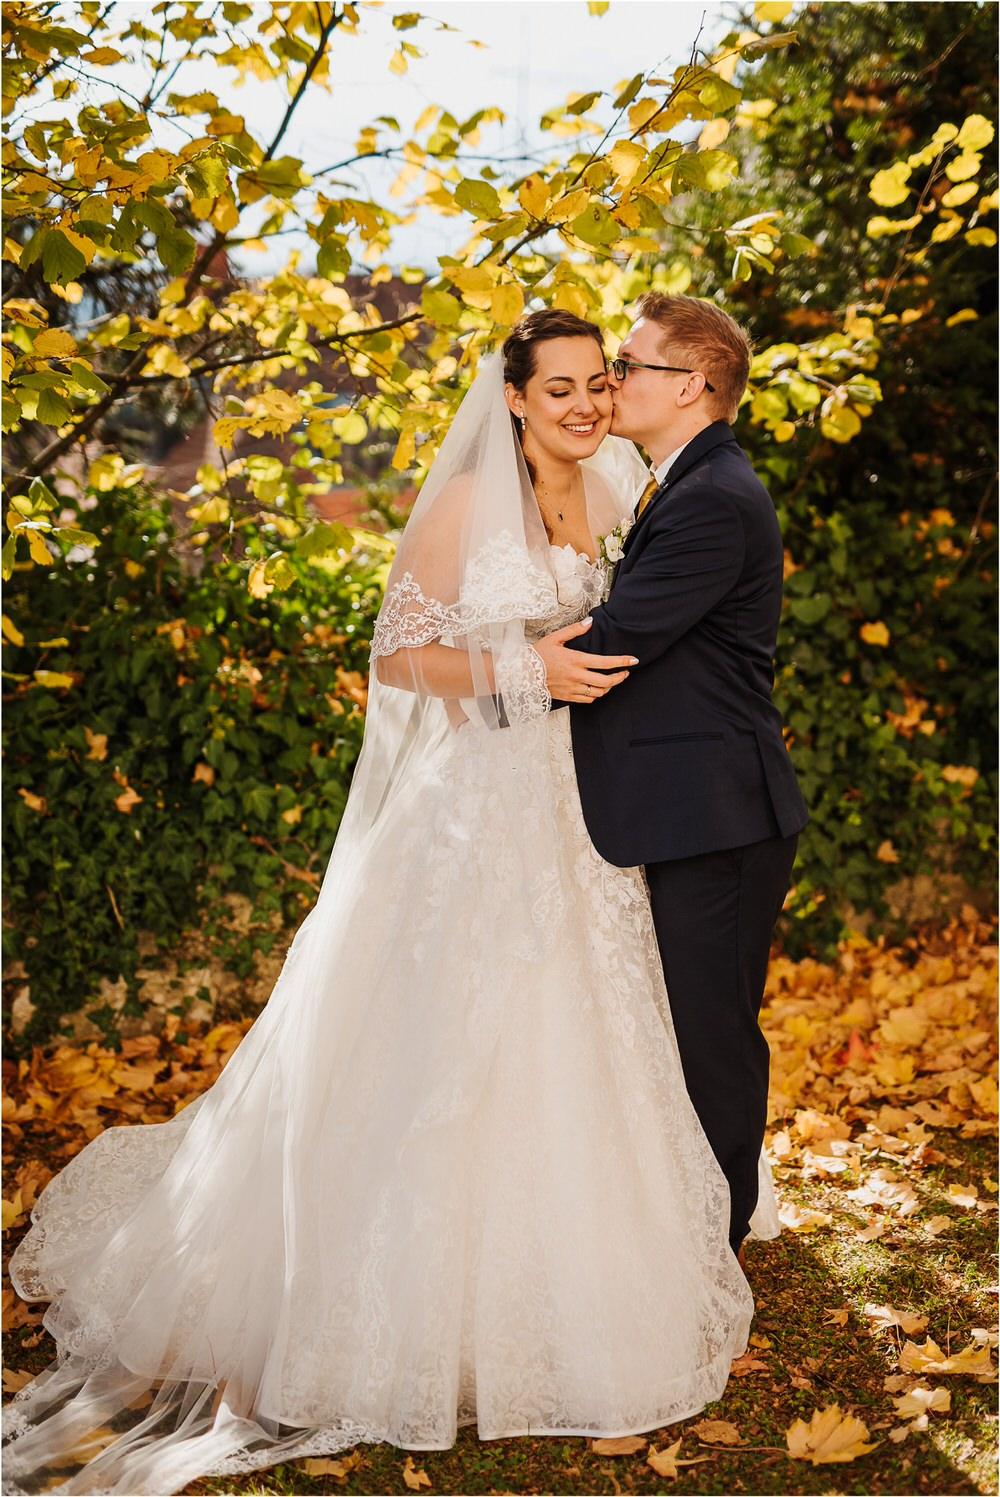 tri lučke poroka poročni fotograf fotografiranje intimna poroka zaroka krško posavje dolenjska novo mesto nika grega rustikalna romantična vintage wedding slovenia photography 0044.jpg